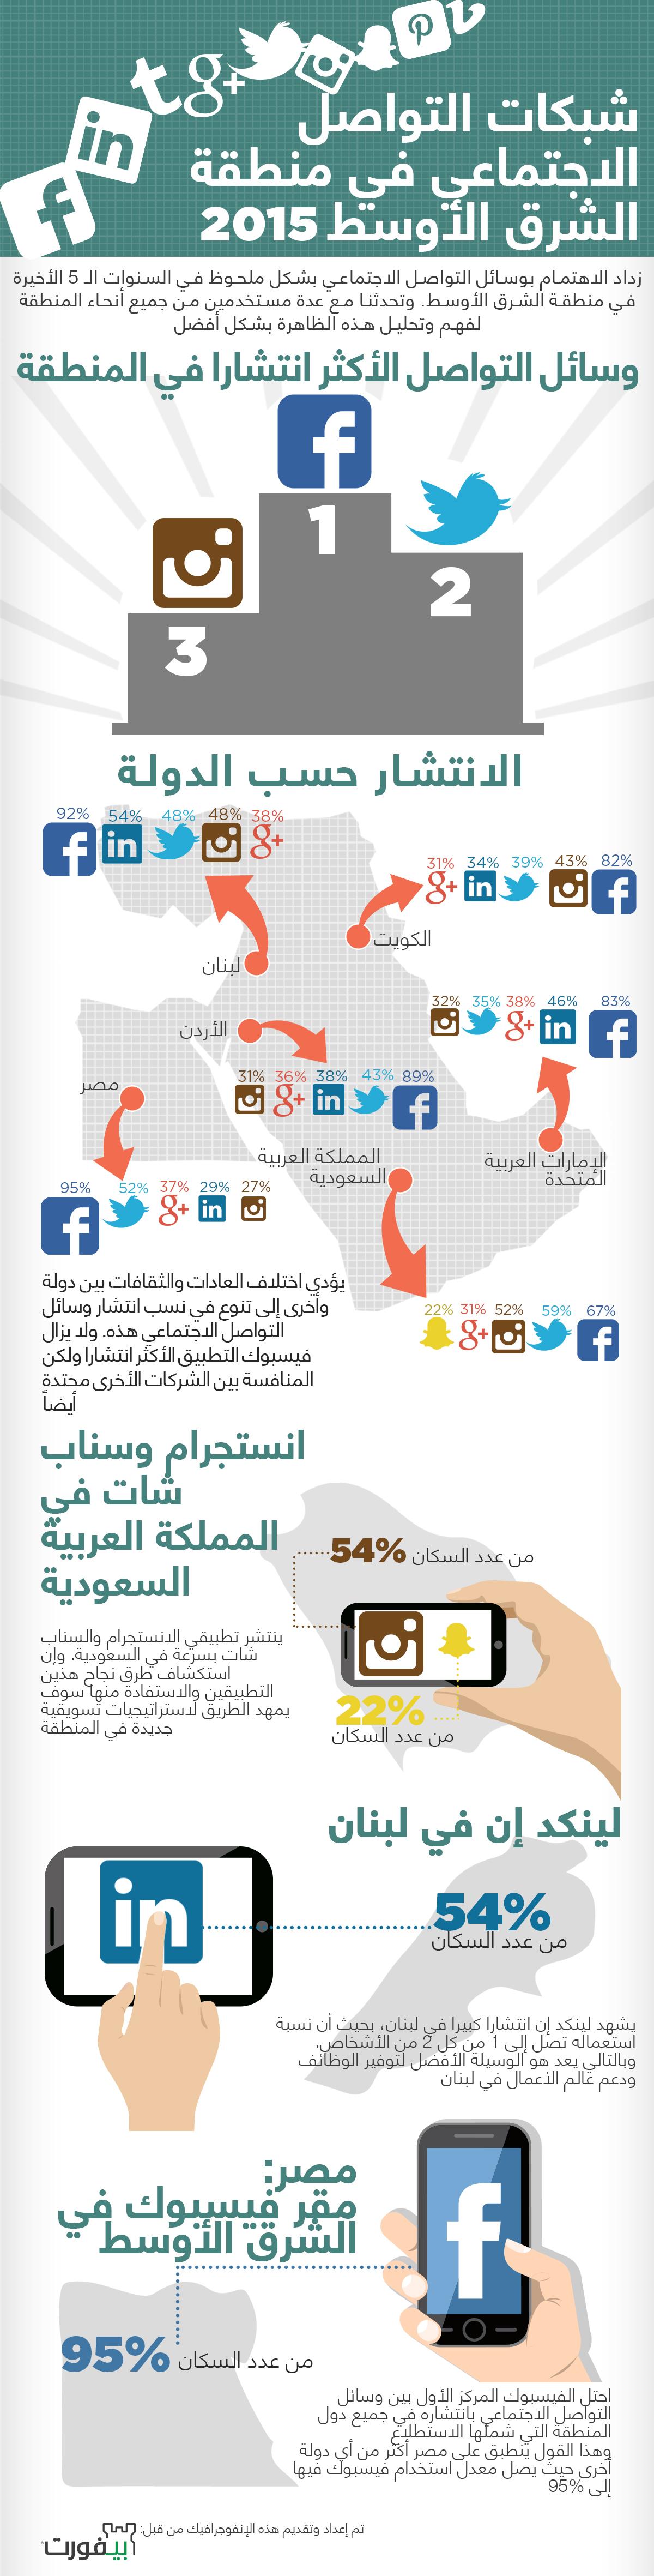 مواقع التواصل الاجتماعي الخليج الشرق الأوسط ٢٠١٥